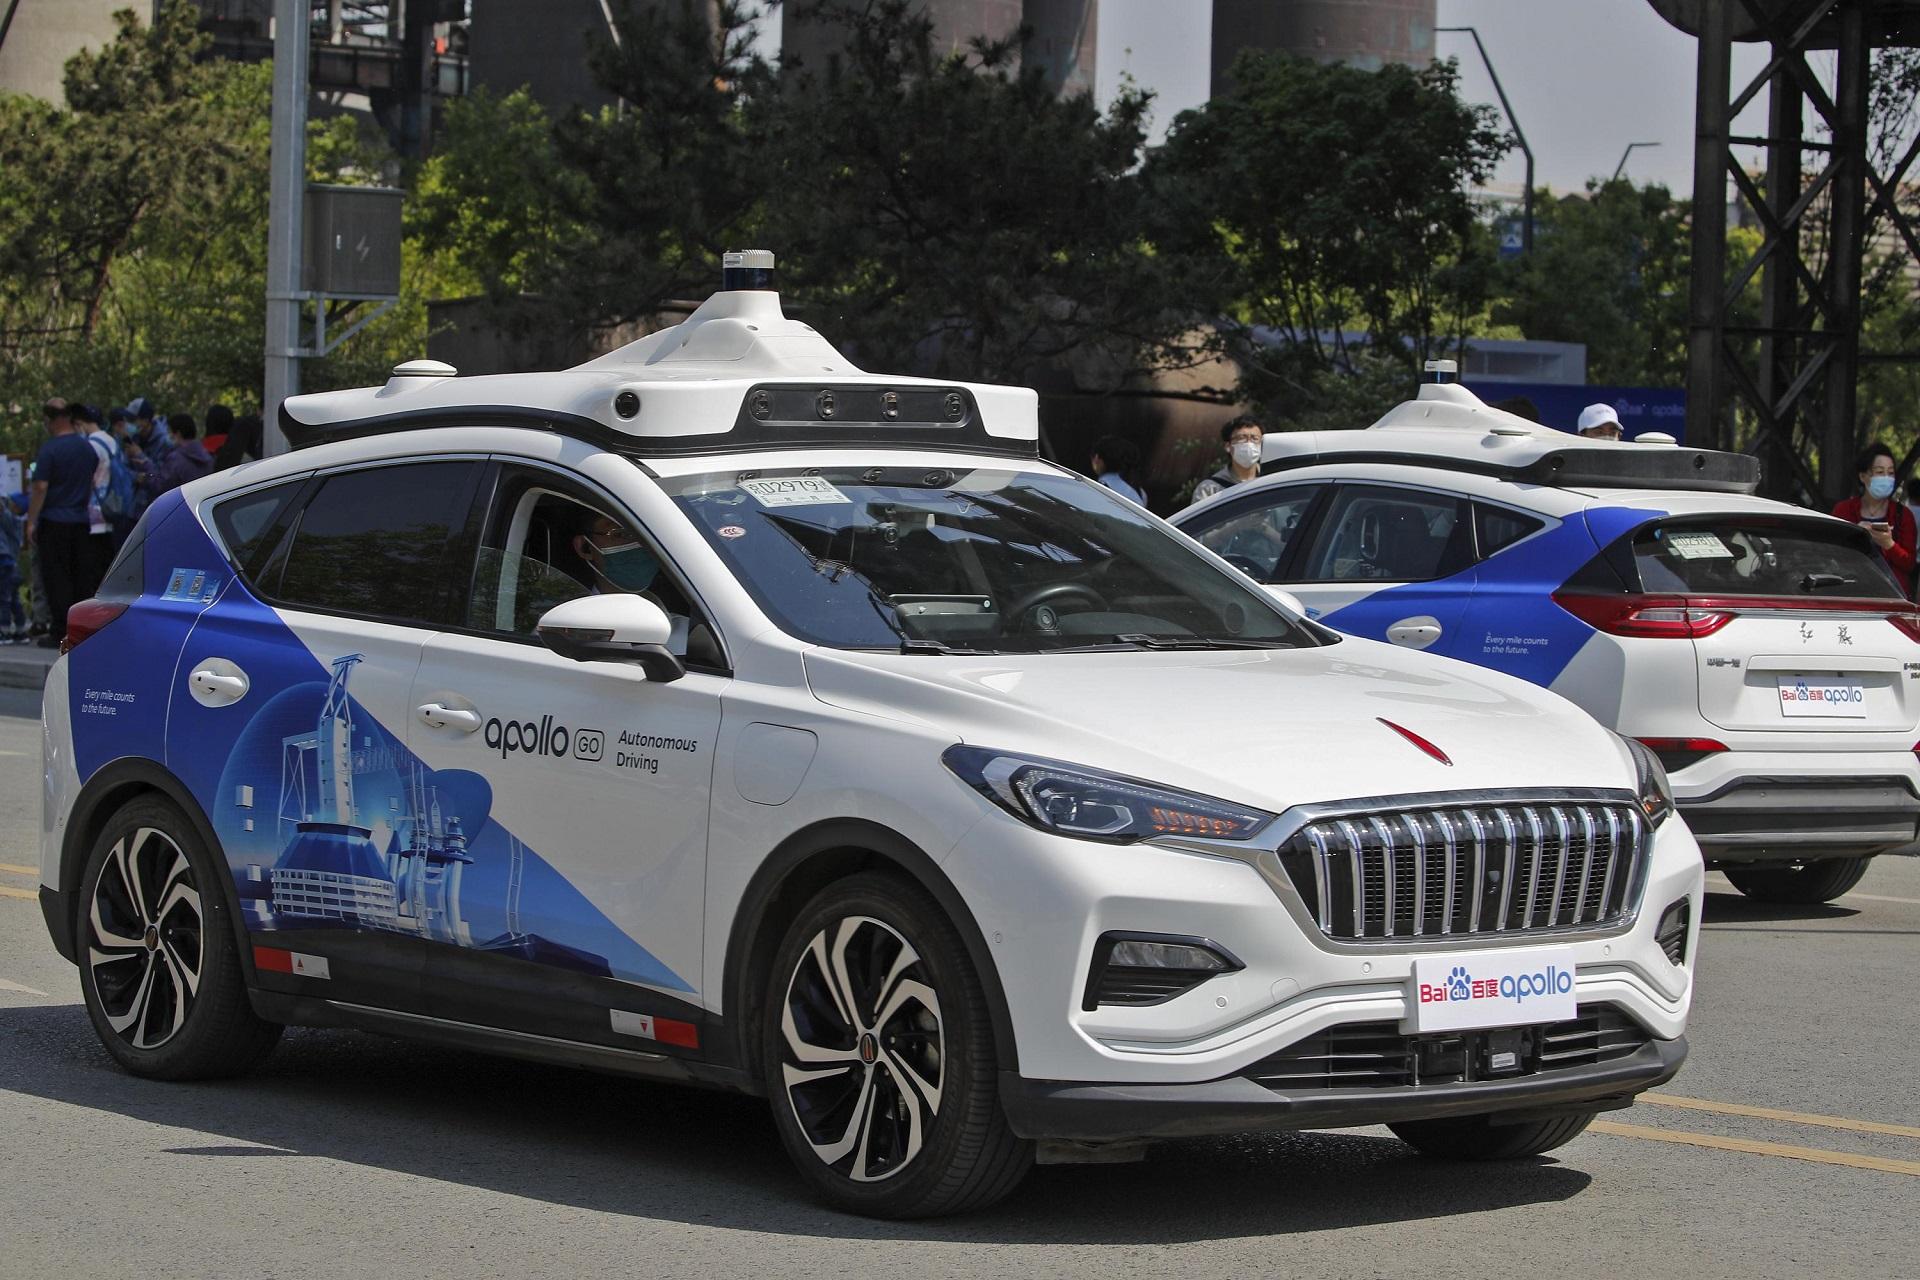 Baidu, Pekin'de ücretli sürücüsüz taksi hizmeti başlattı Çinli arama motoru Baidu, Pazar günü ücretli sürücüsüz taksi hizmetini sundu. Böylece Çin'deki otonom...